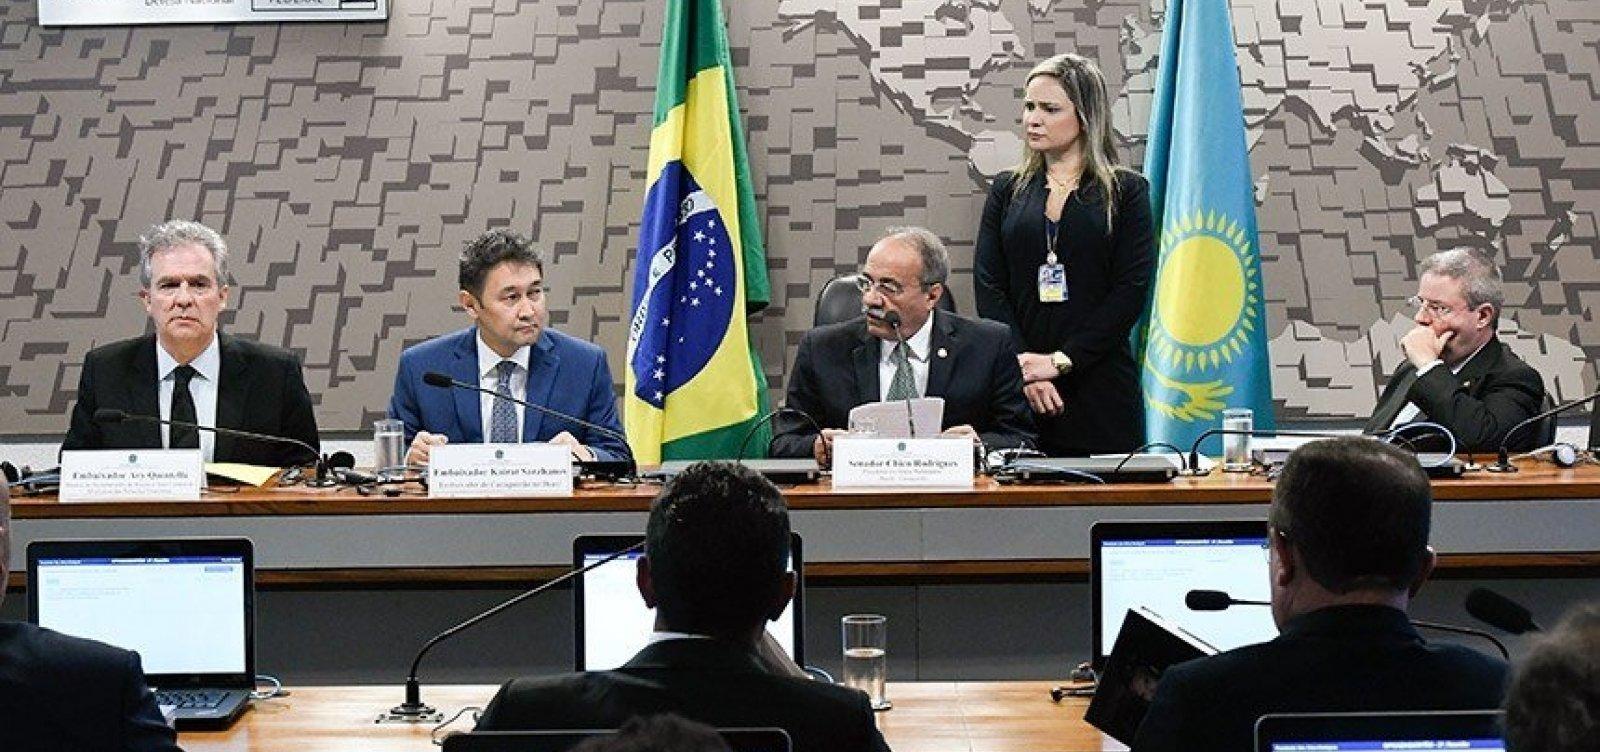 Embaixador do Cazaquistão no Brasil diz que quer intensificar relações entre os dois países